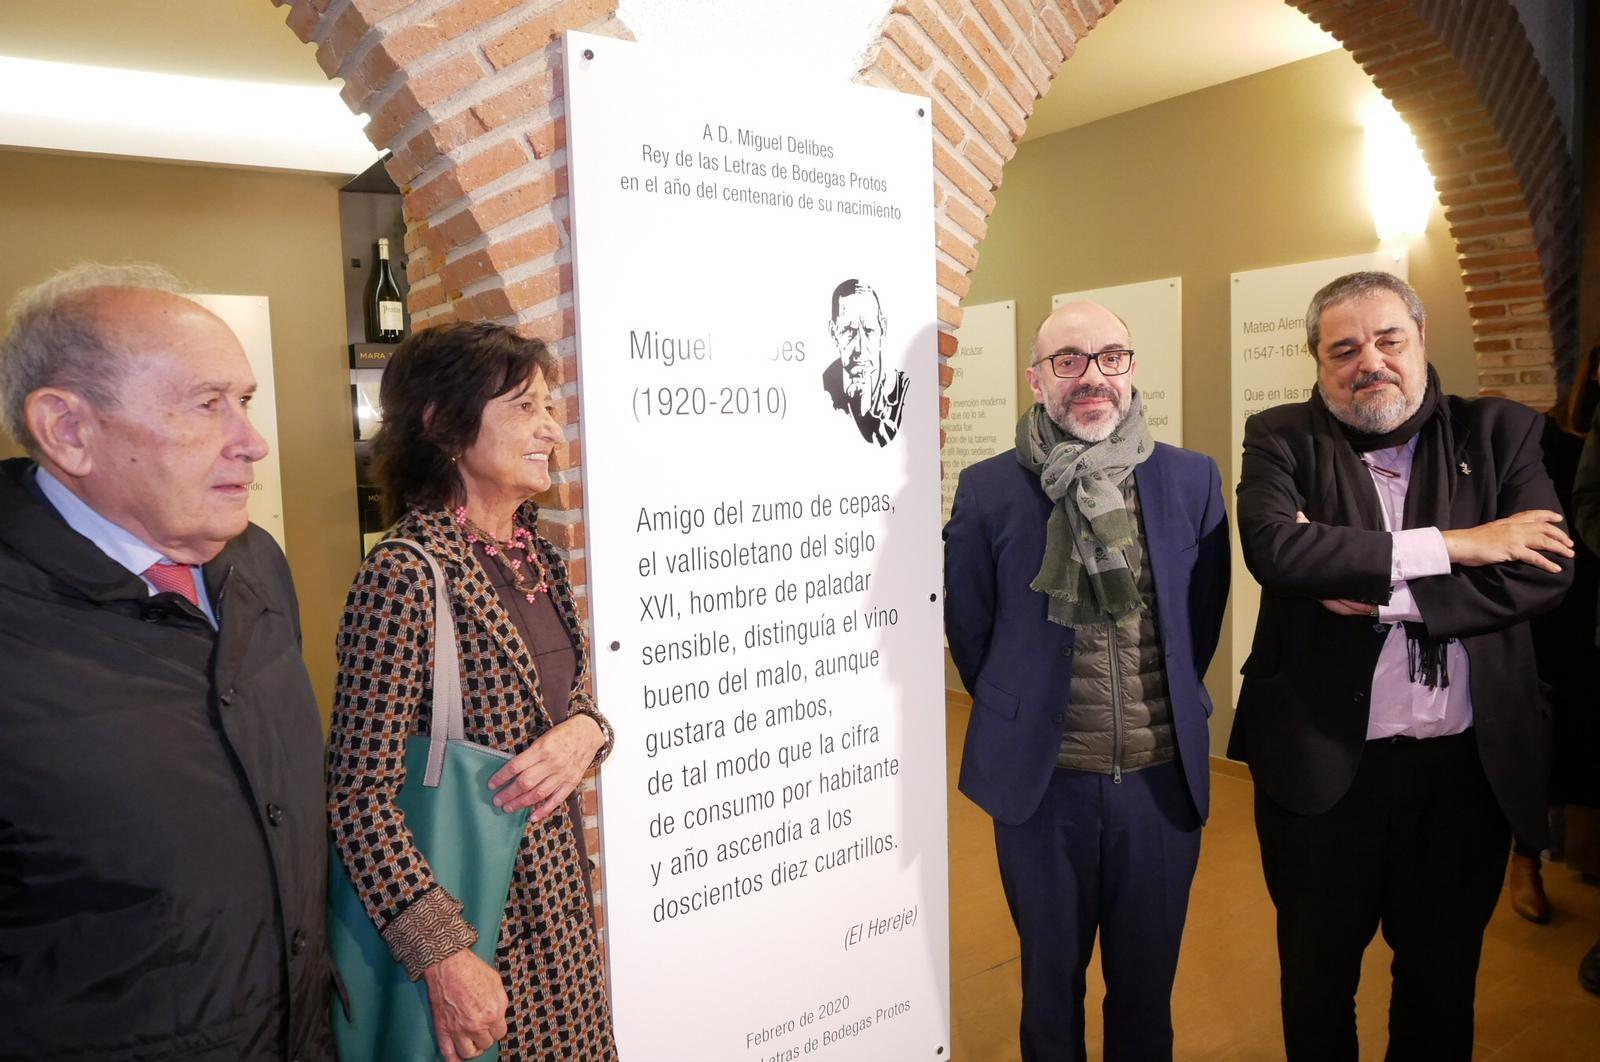 """El """"Año Delibes"""" da su pistoletazo de salida en la Ribera del Duero, coronando al célebre escritor como """"Rey de las Letras"""" en Bodegas Protos"""